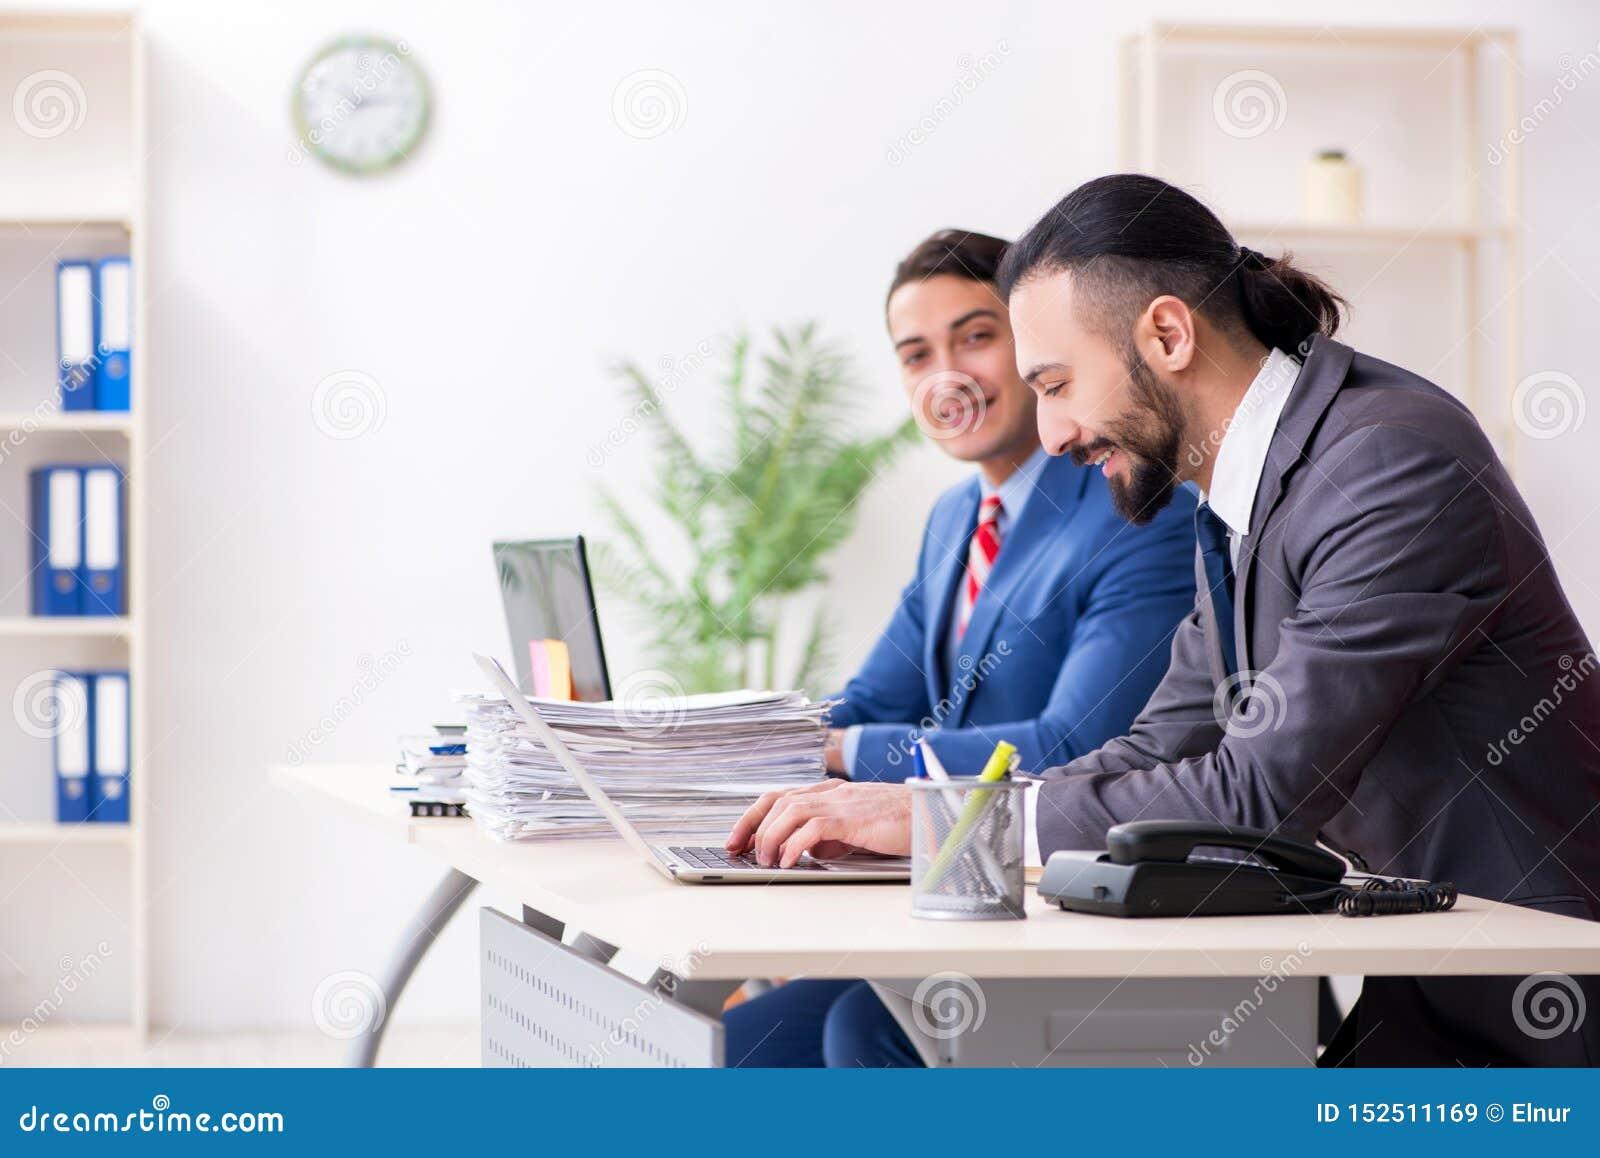 两个男性同事在办公室